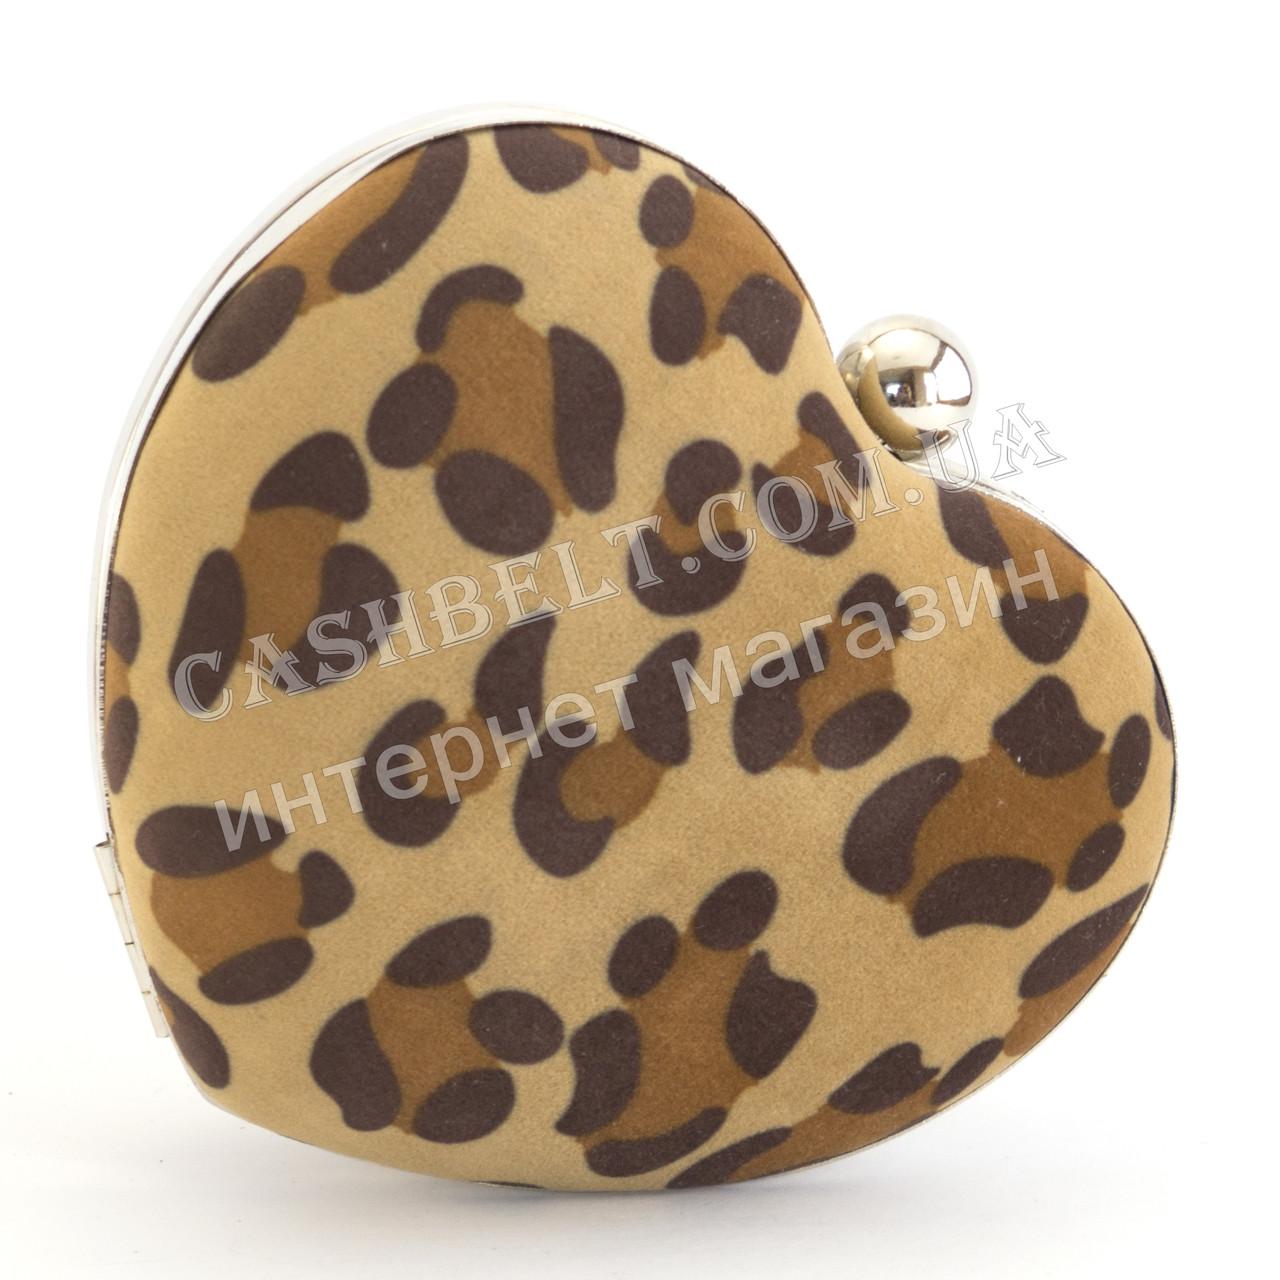 Маленький клатч в форме сердца с тканевой обивкой леопардового узора ROSE HEART art. 10304